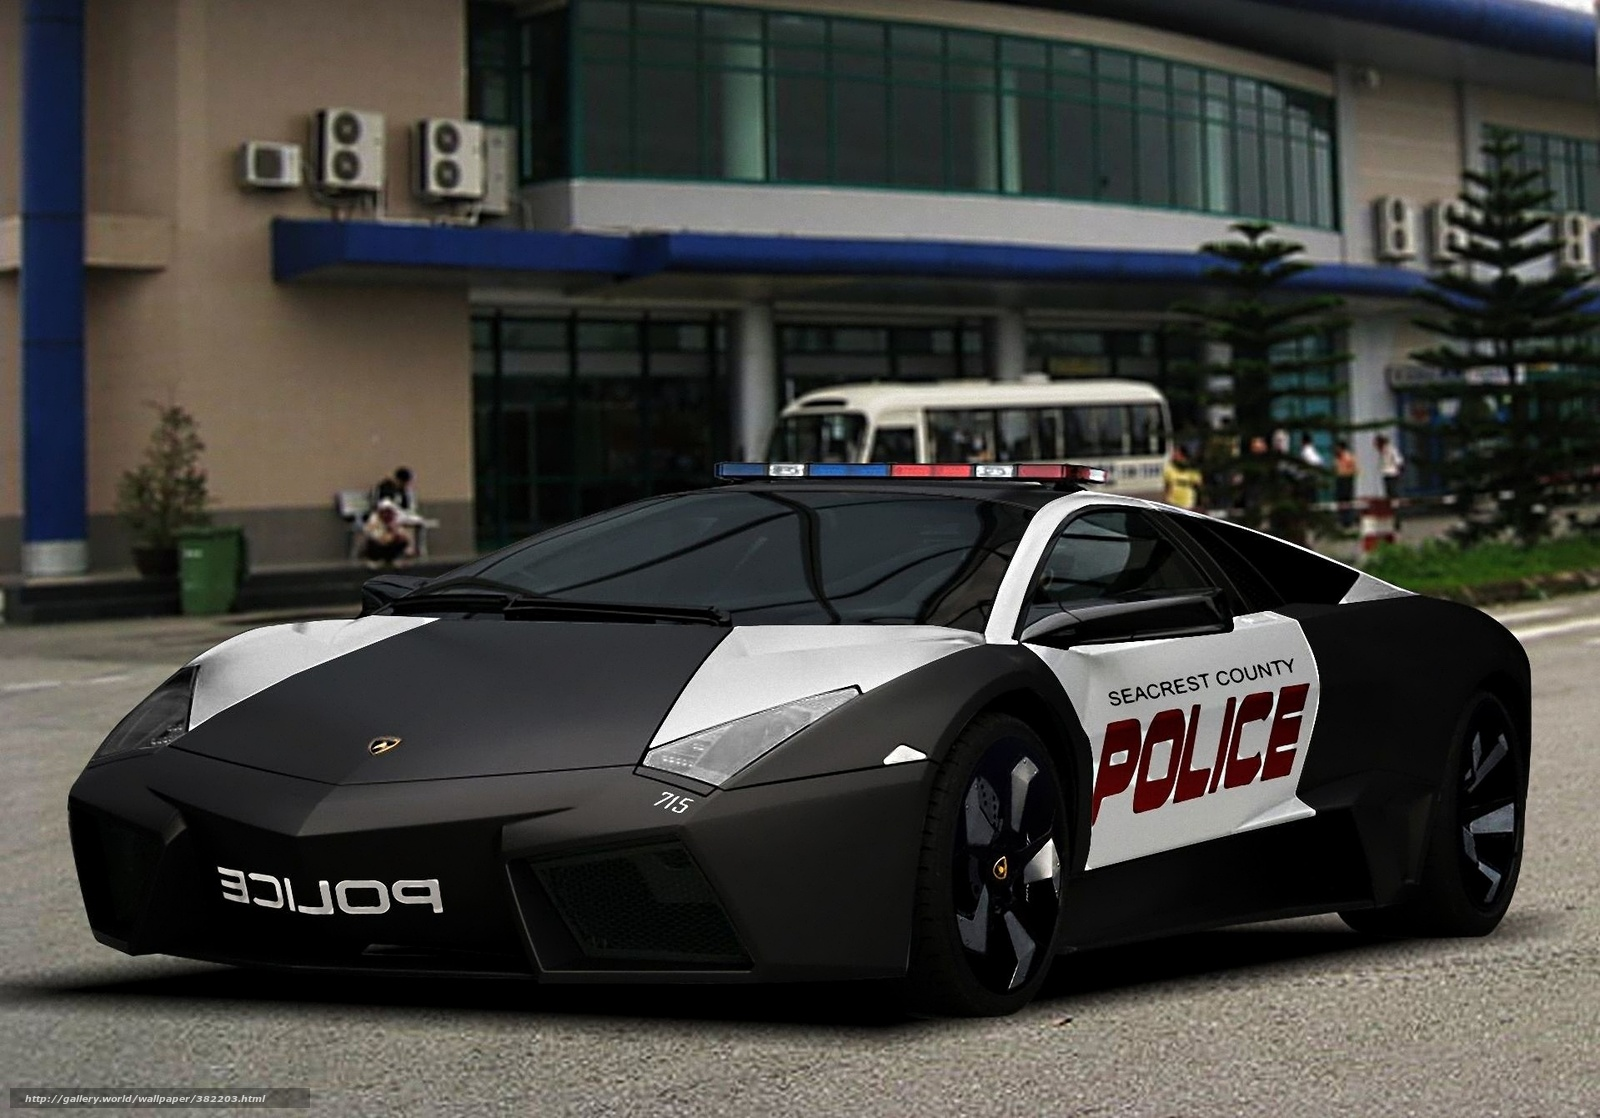 Scaricare Gli Sfondi Auto Polizia Lamborghini Auto Sfondi Gratis